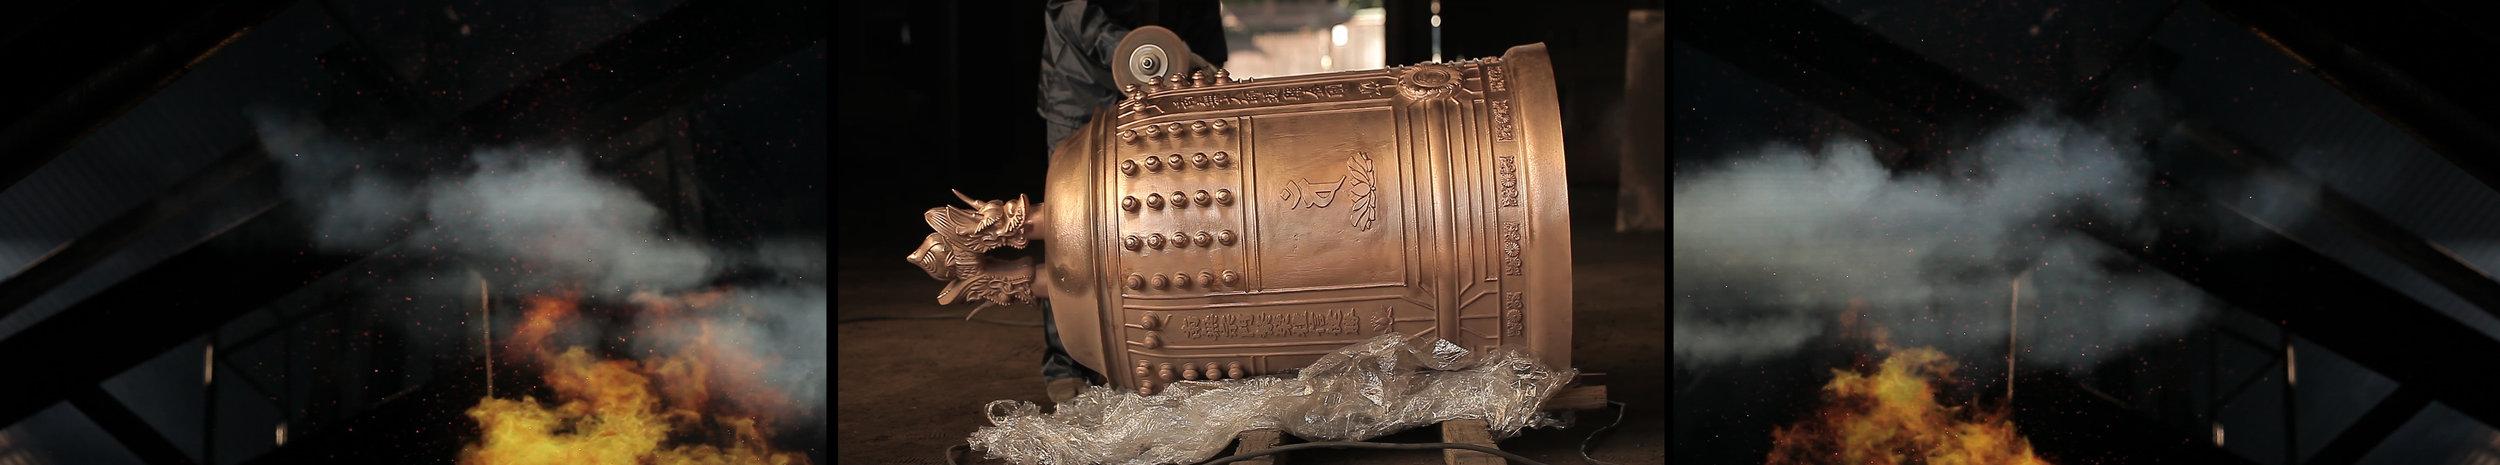 The Bell Makers of Makabe 10 (3frame still).jpg